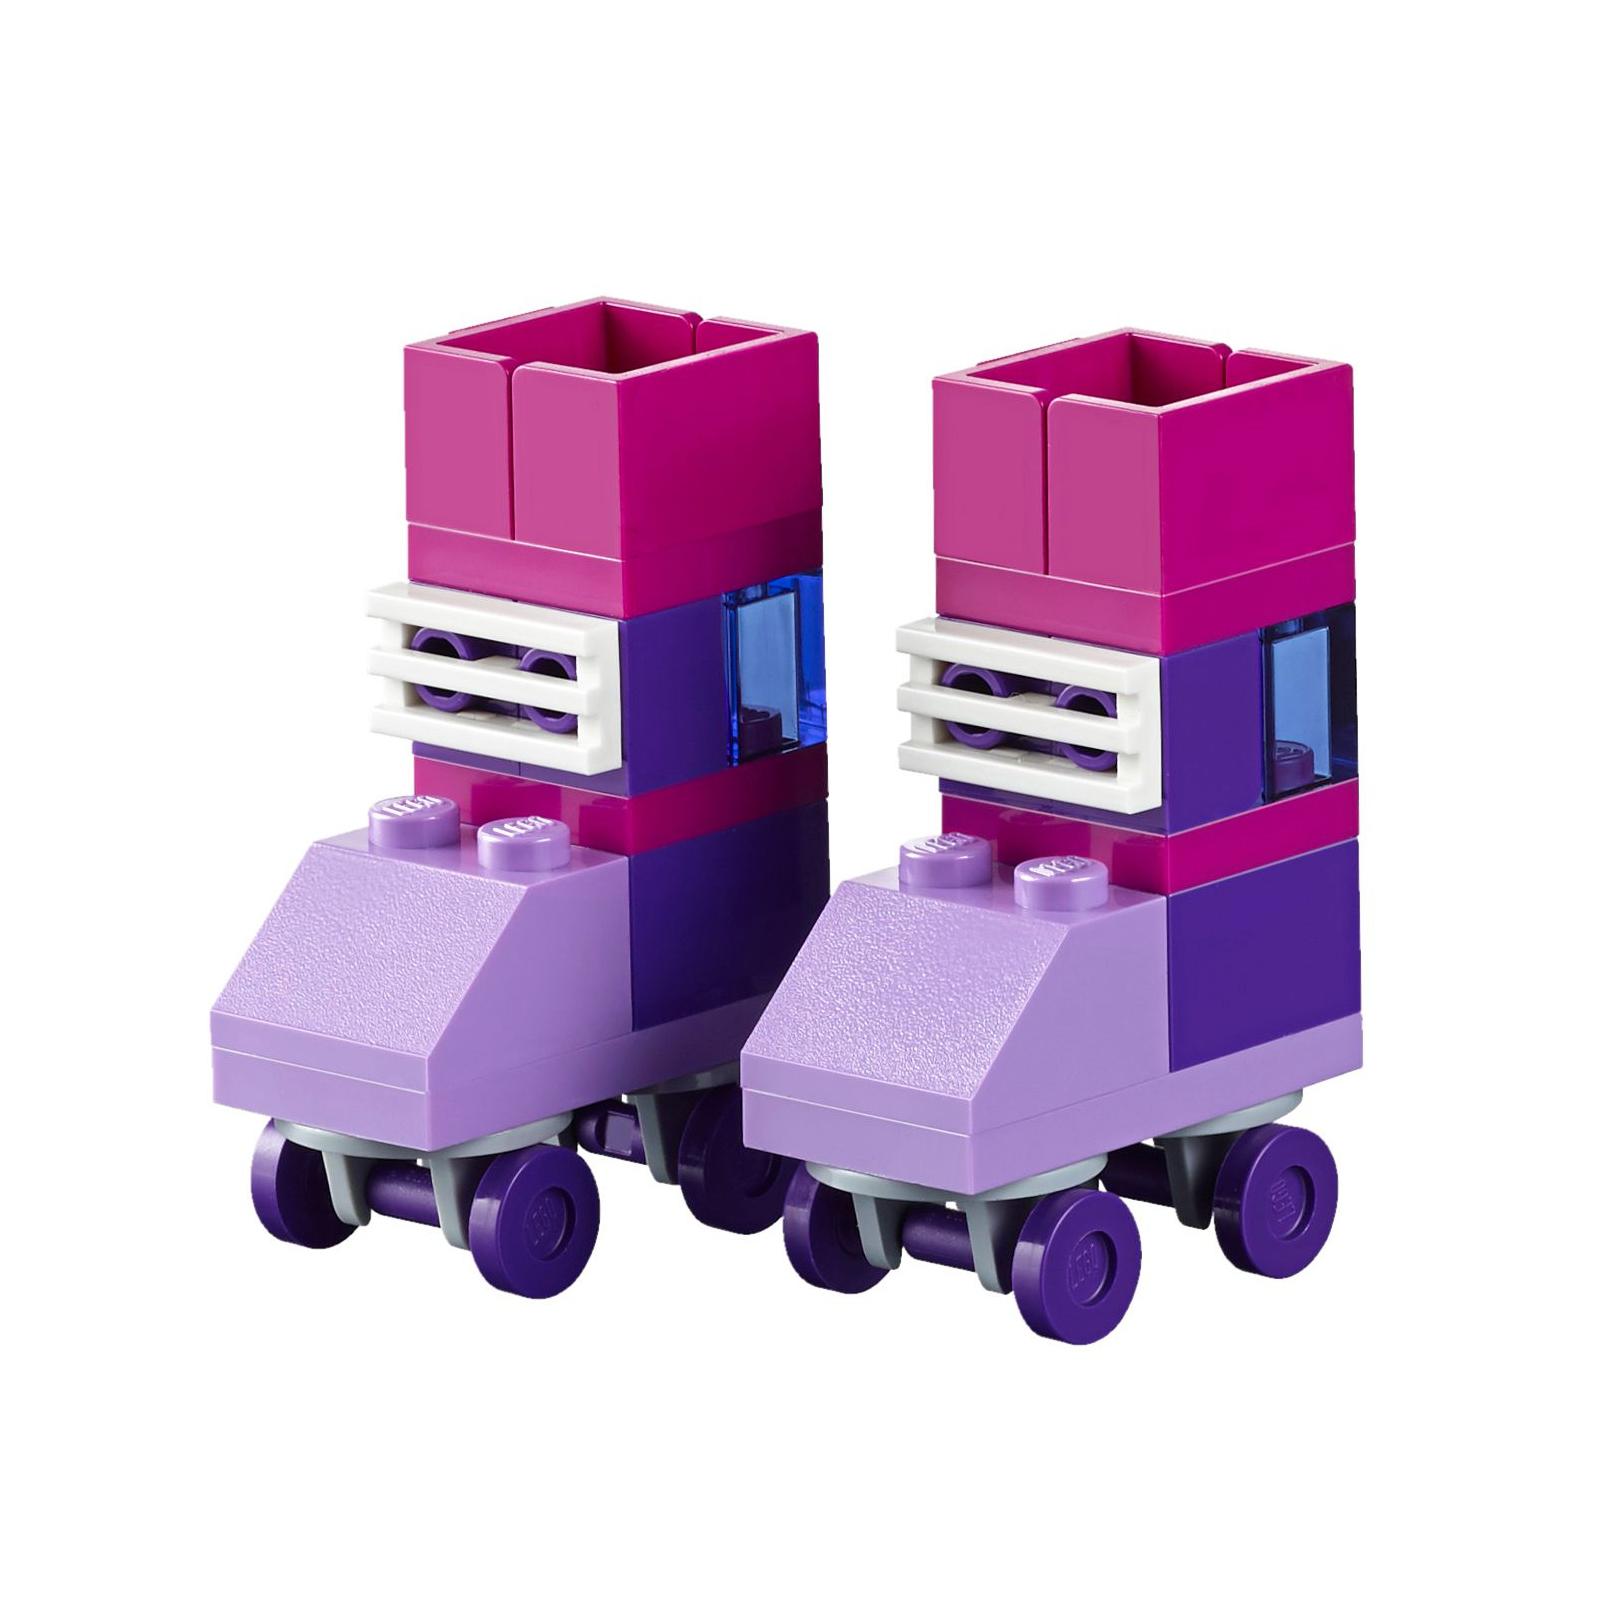 Конструктор LEGO Classic Набор кубиков для свободного конструирования (10702) изображение 7